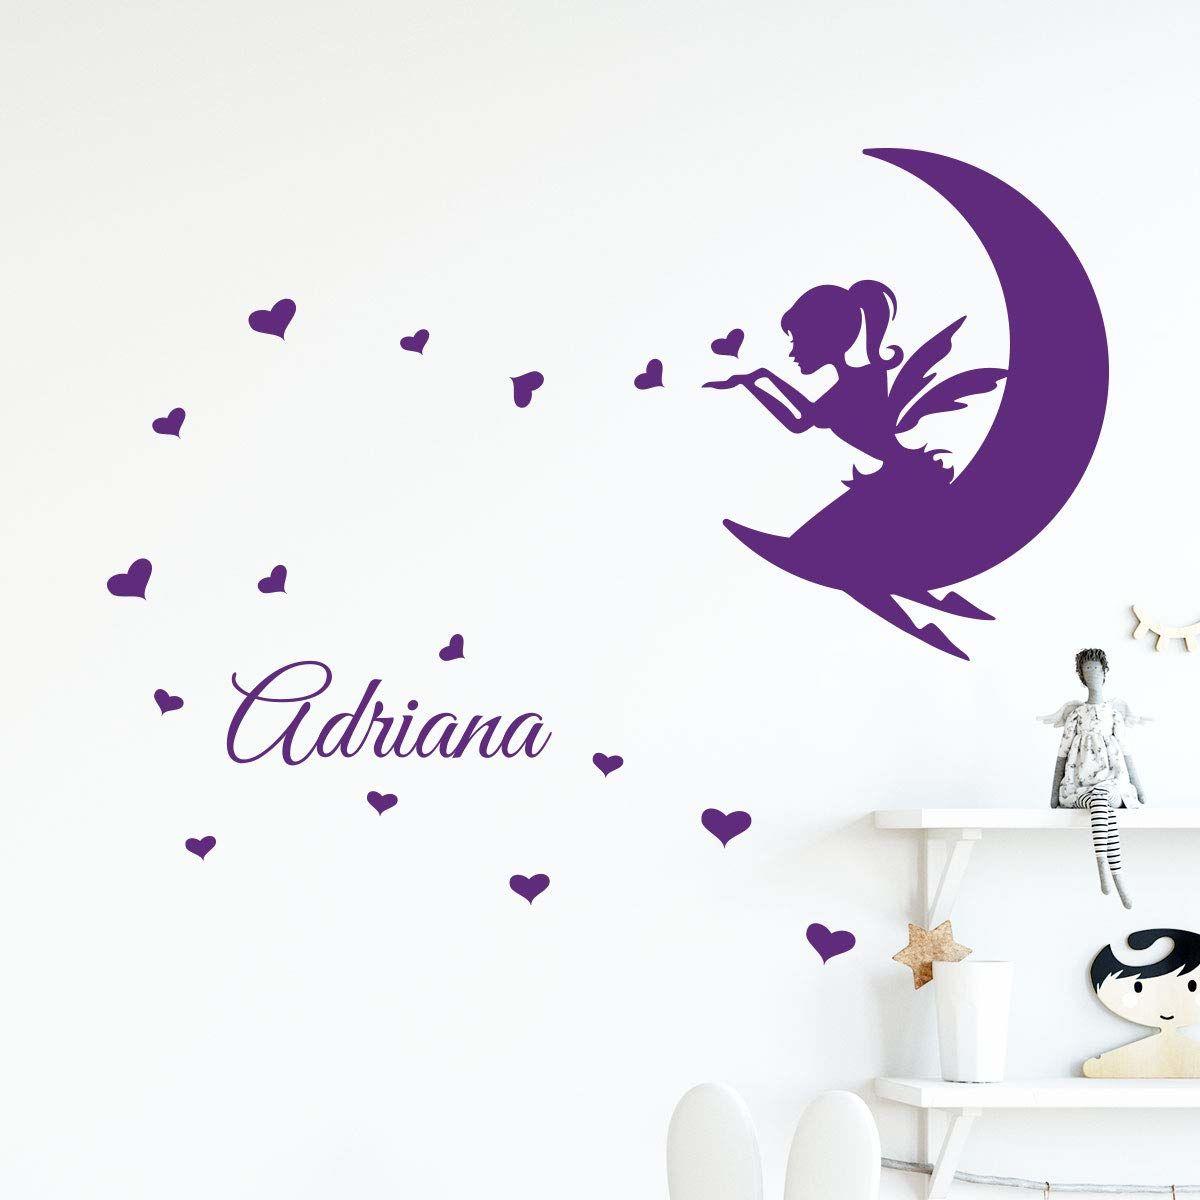 Spersonalizowane naklejki z imieniem tatuaż ścienny wróżka księżyc pokój dziecięcy 2 arkusze 30 x 20 cm i 60 x 25 cm liliowy